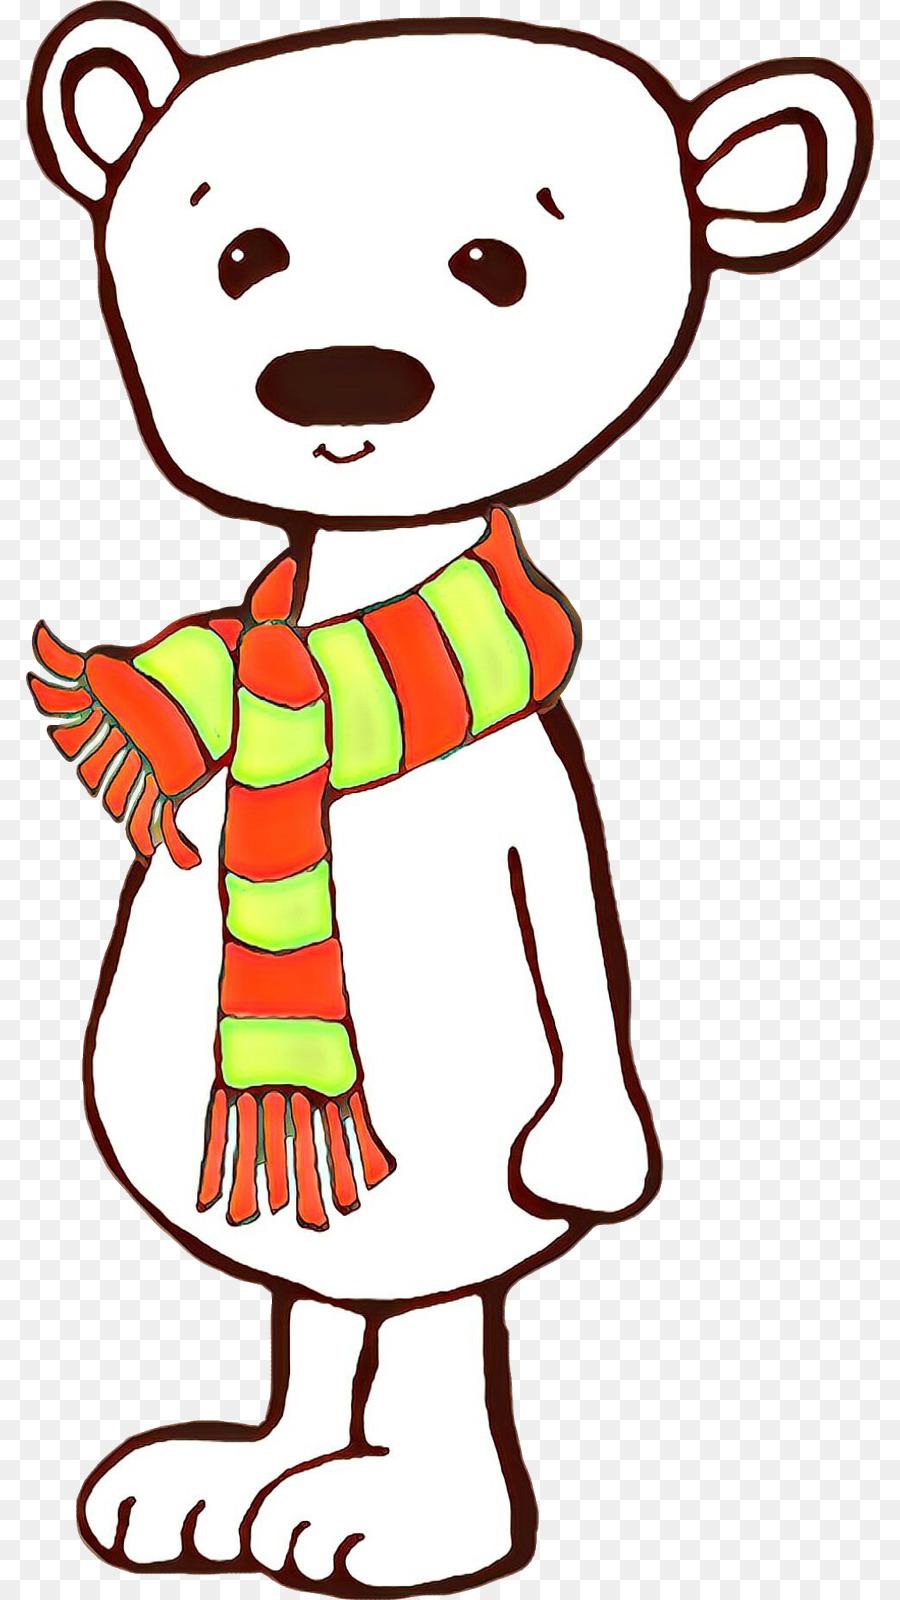 Kartun Boneka Beruang Hewan Gambar Gambar Png